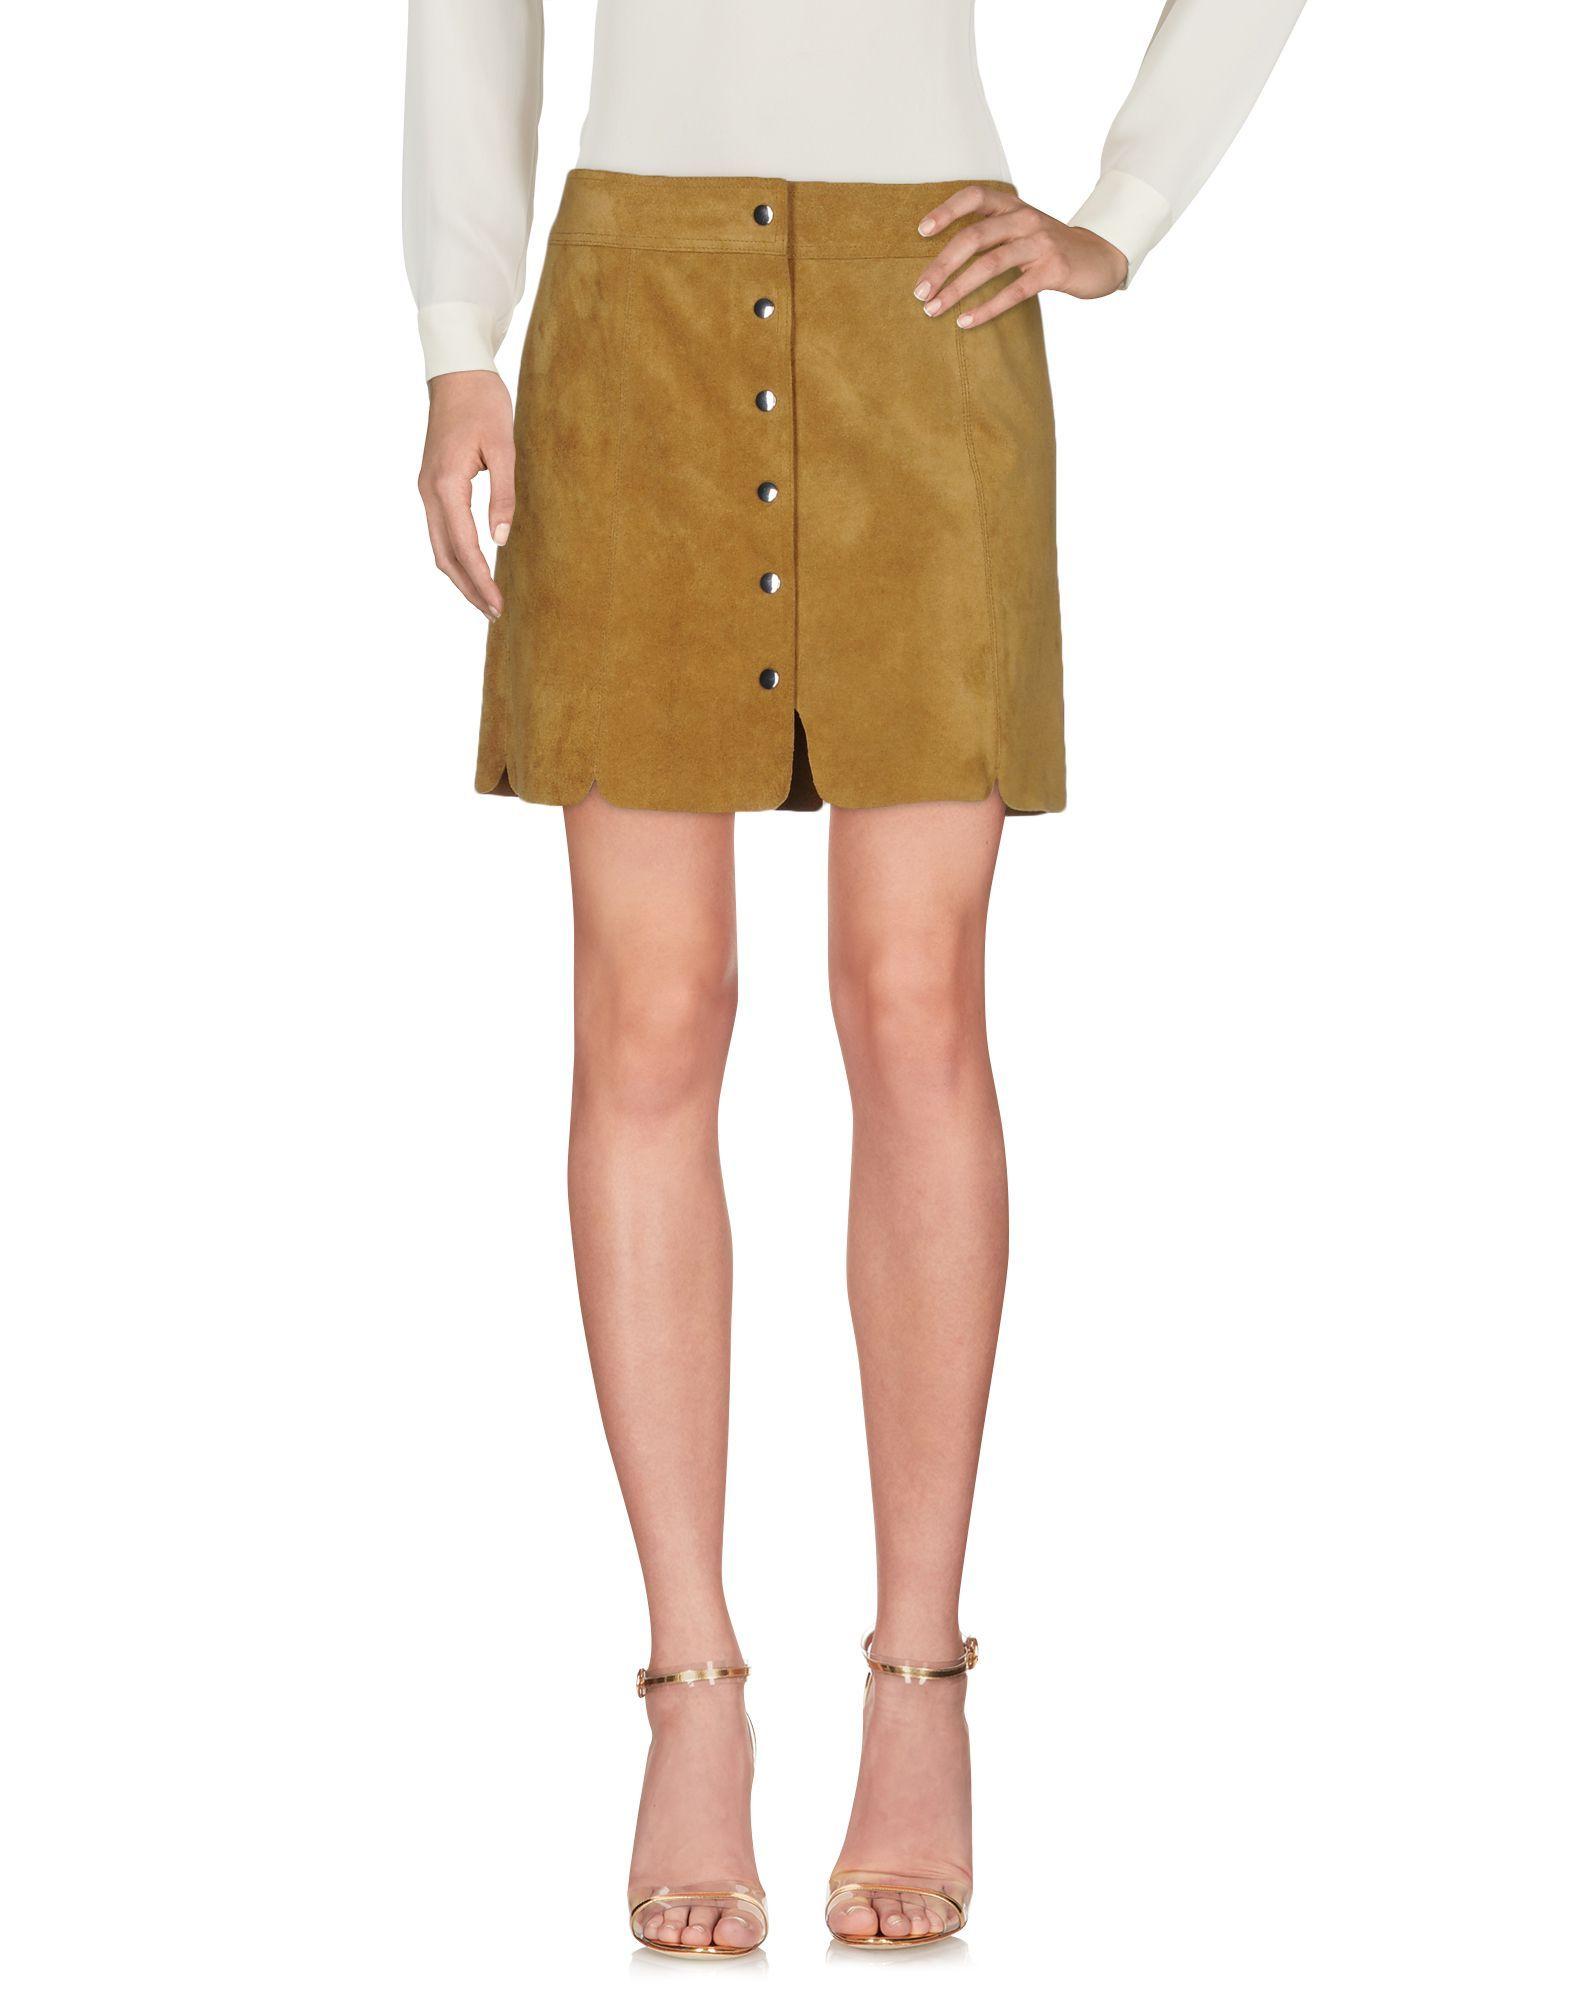 Isabel Marant Etoile Khaki Calf Leather Skirt